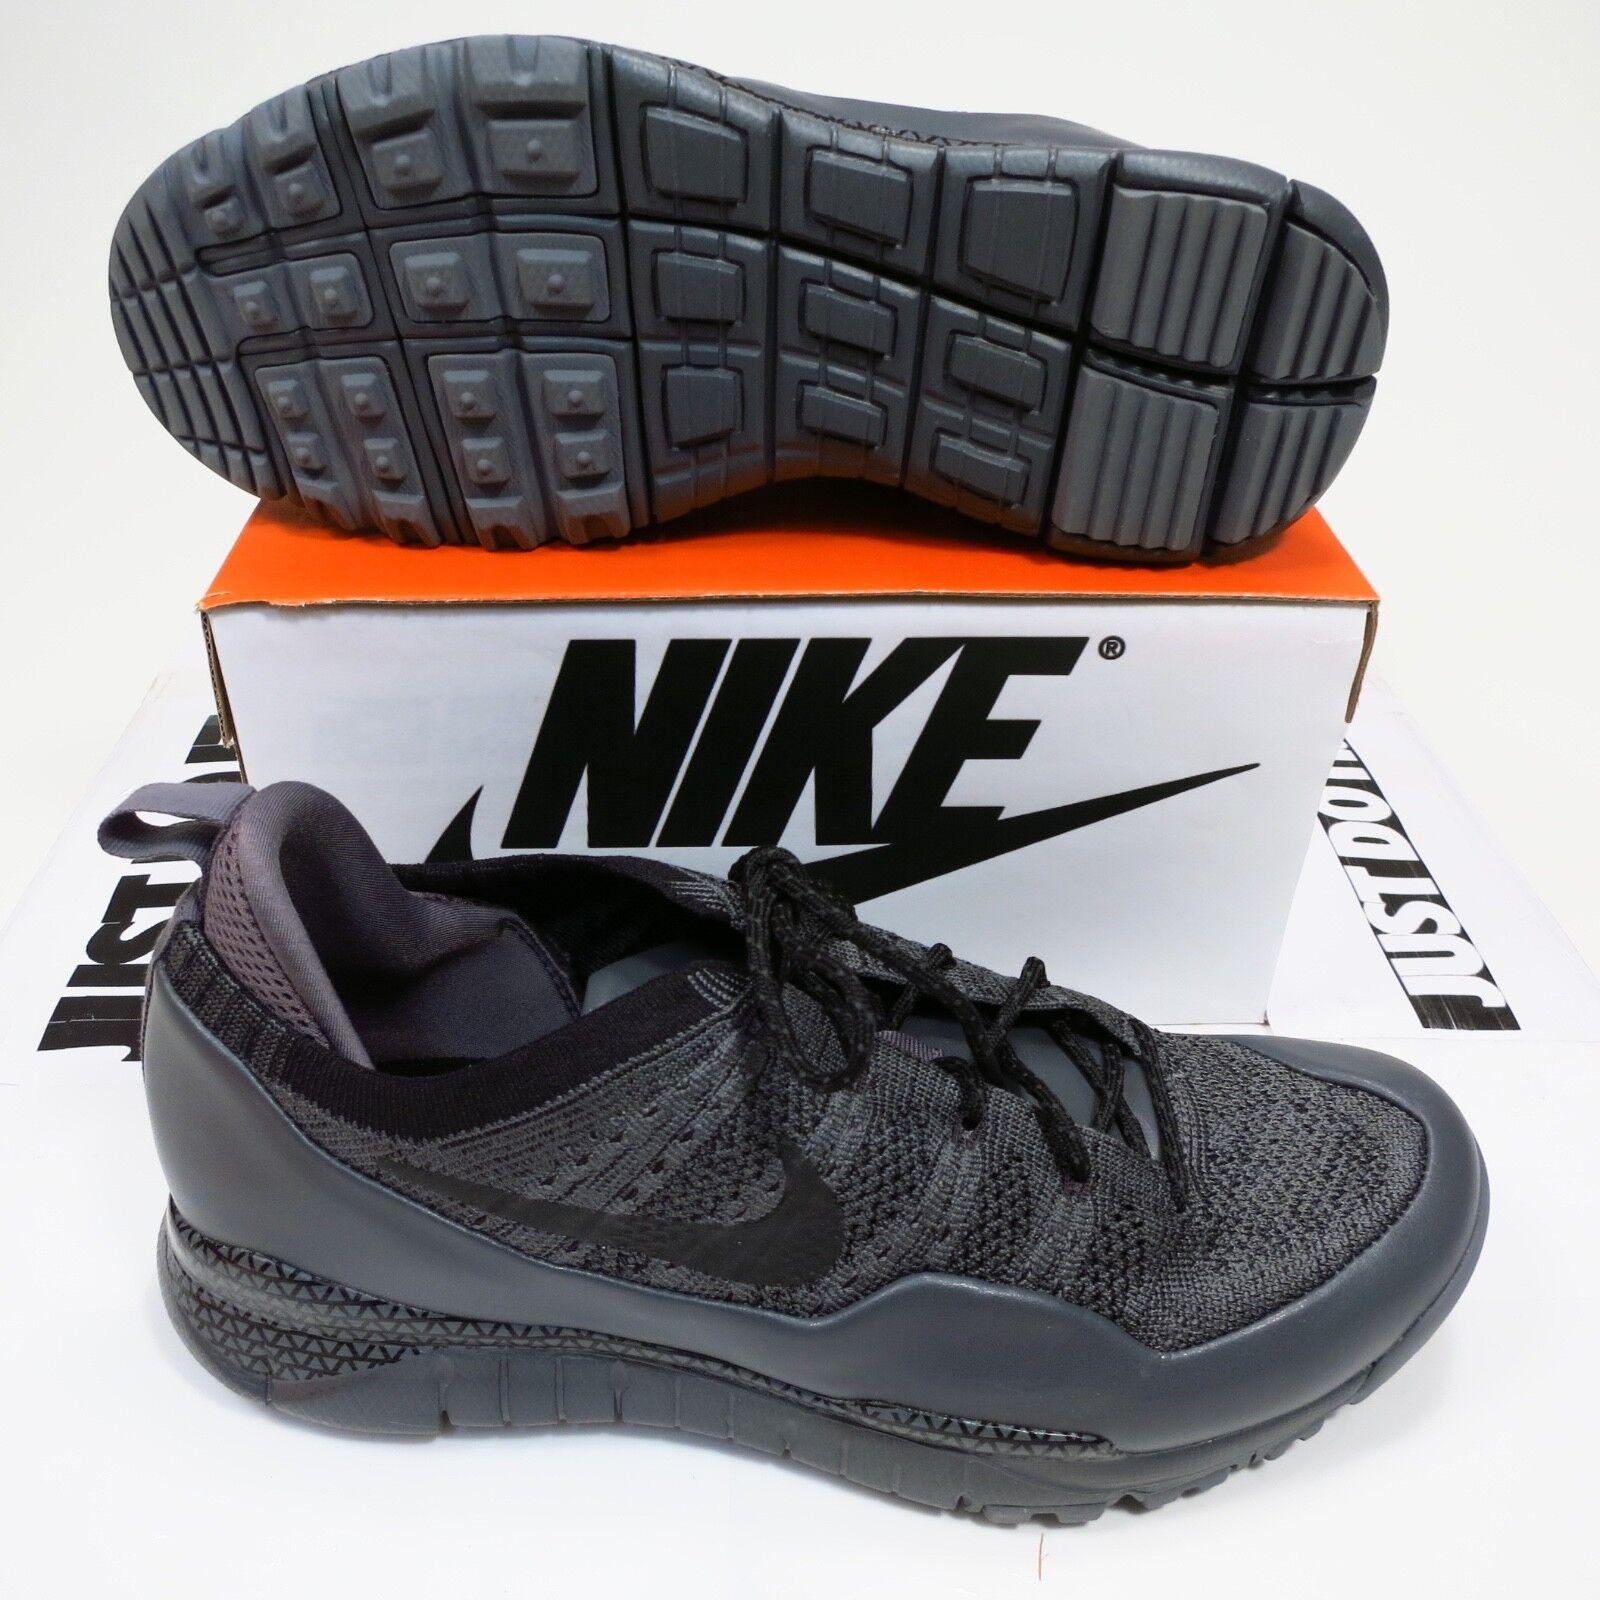 225 Men's Nike Lupinek Flyknit Low Size 11.5 Grey Style 882685 001 NEW